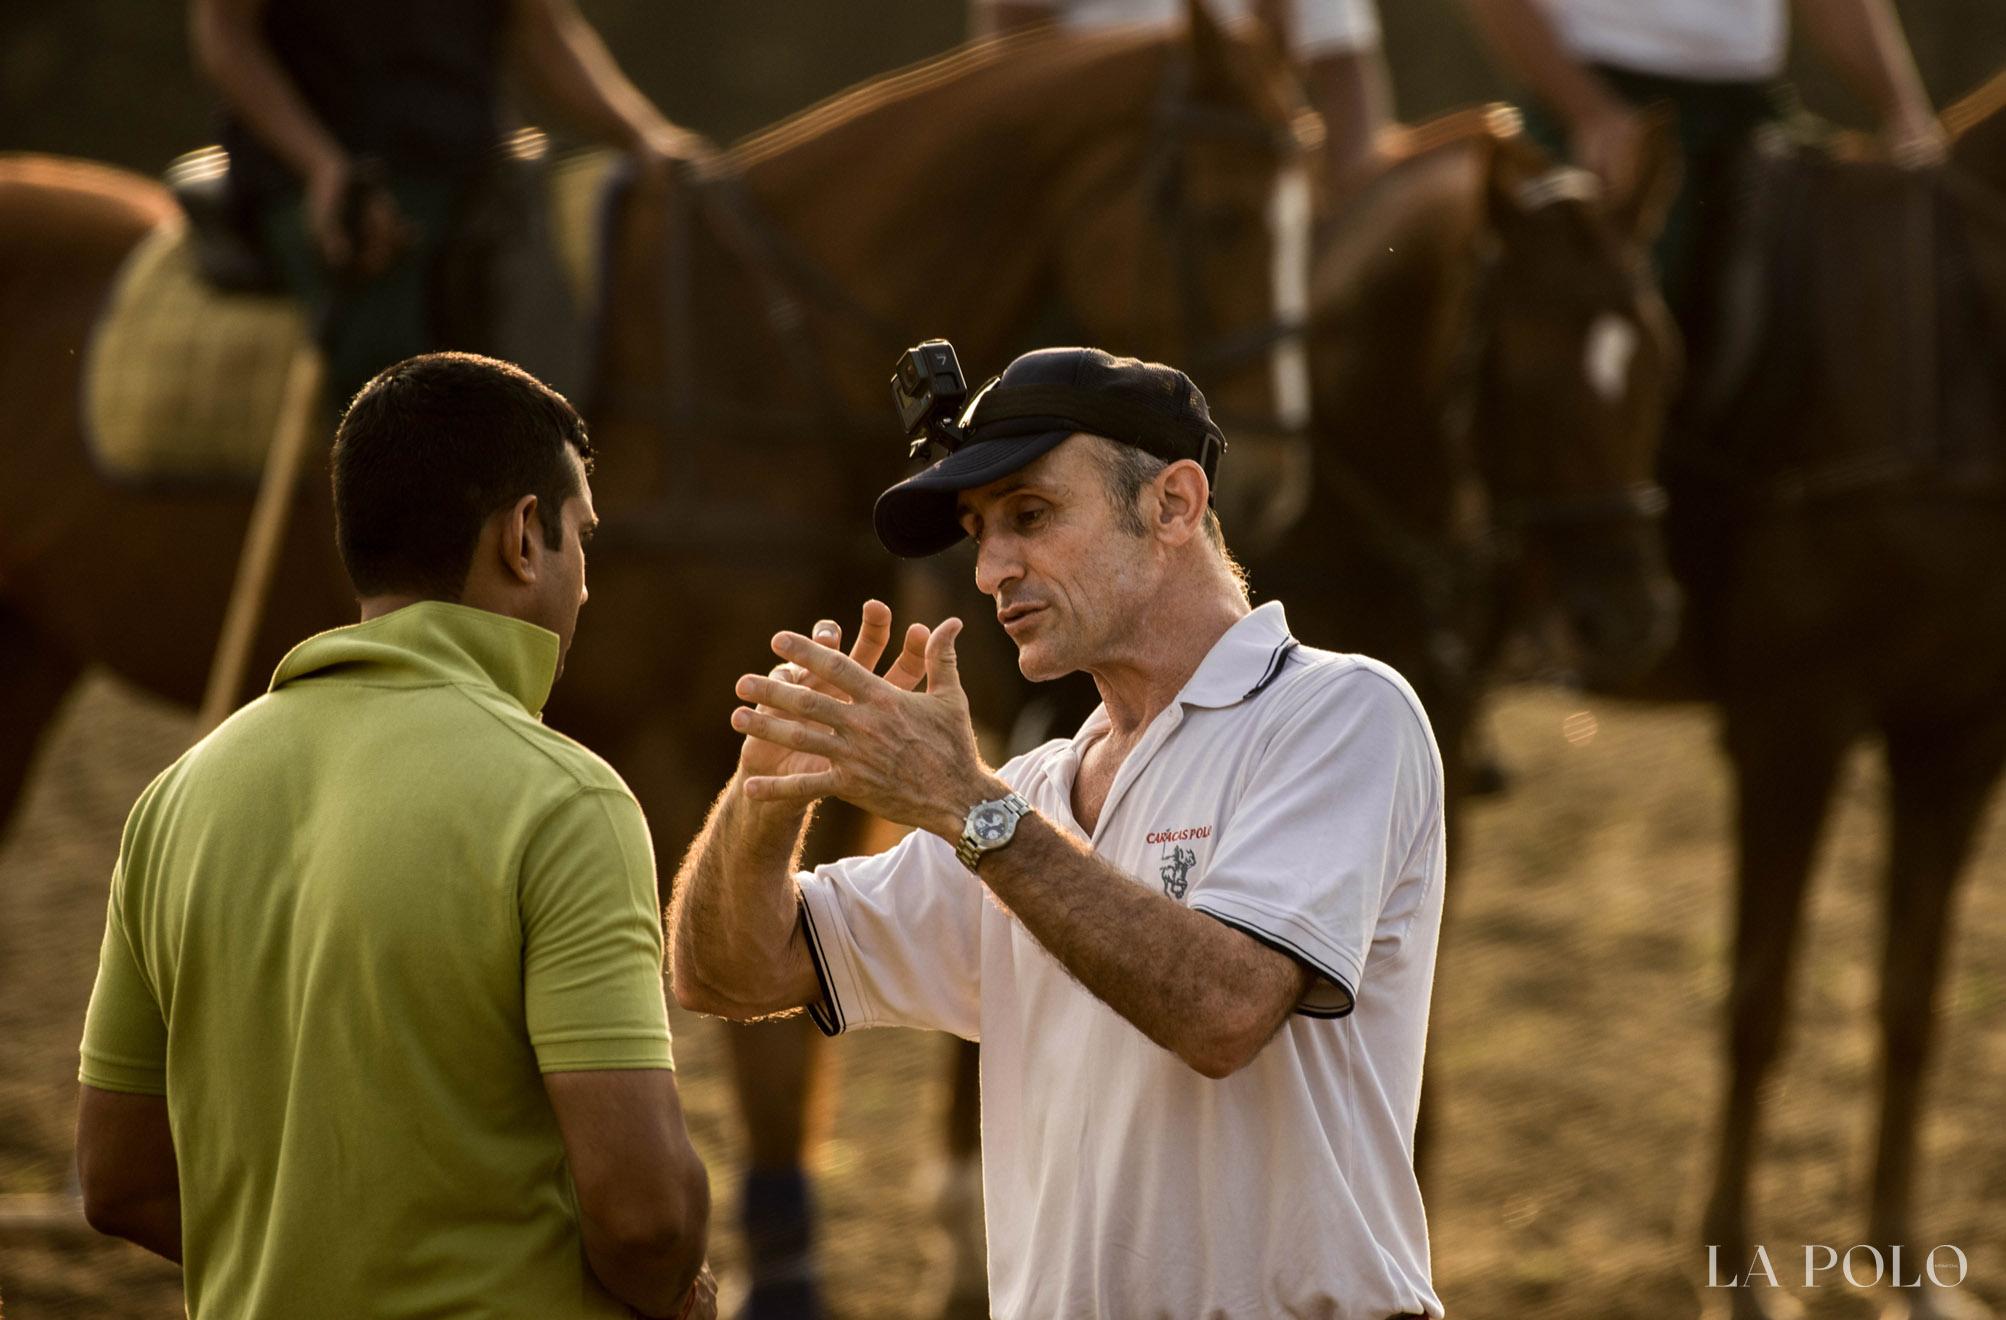 Pablo-Jauretche-training-Jaipur-camp-lapolo